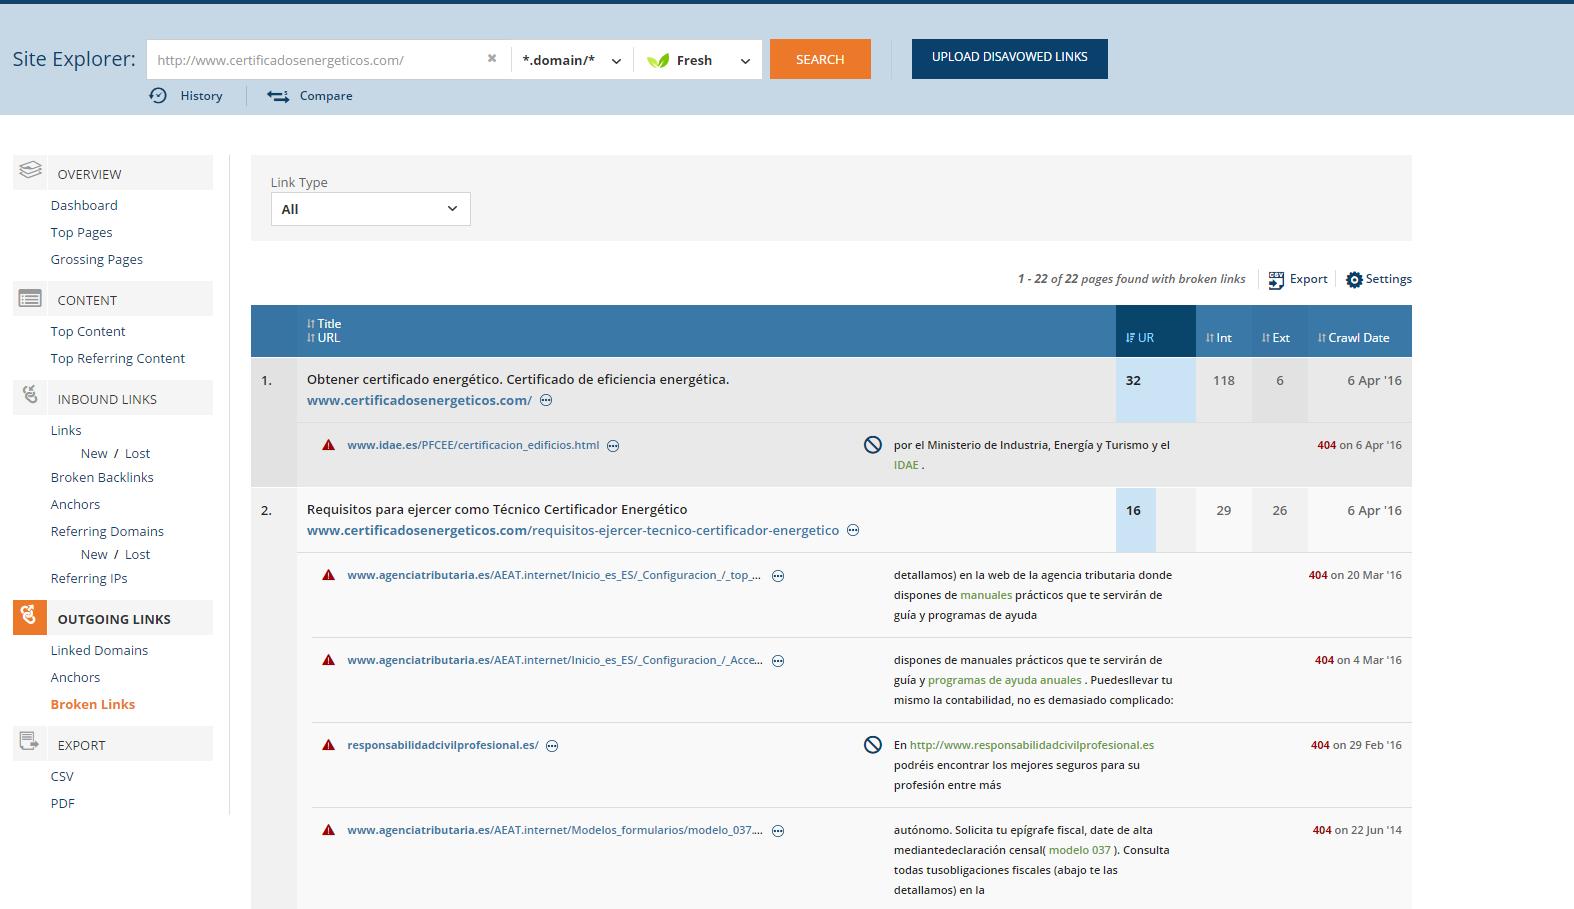 web de informes de evaluacion de edificios o iee con enlaces salientes rotos